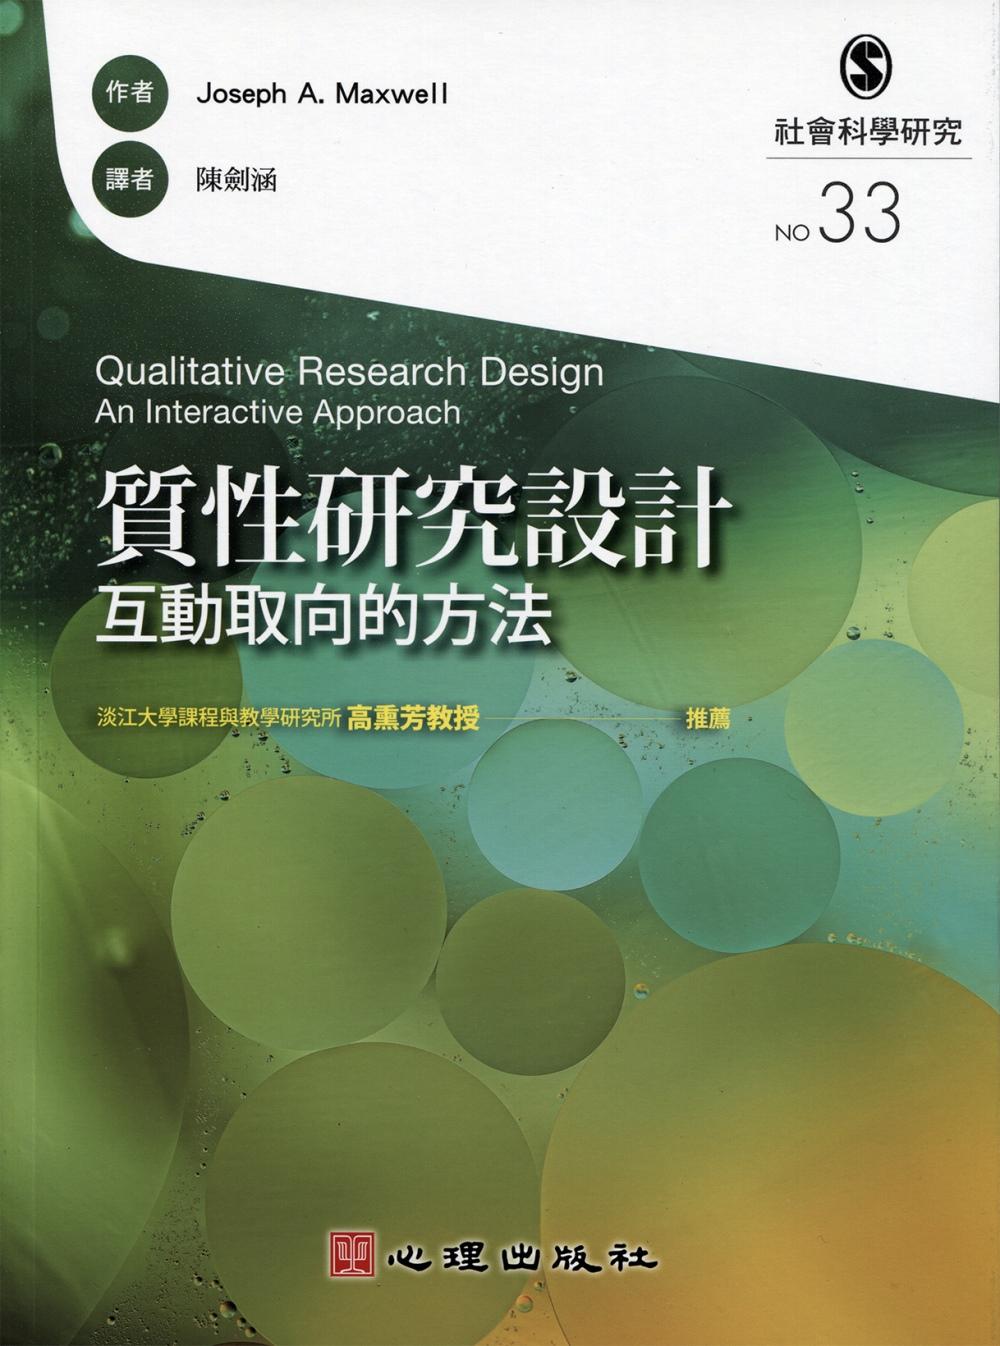 質性研究設計:互動取向的方法